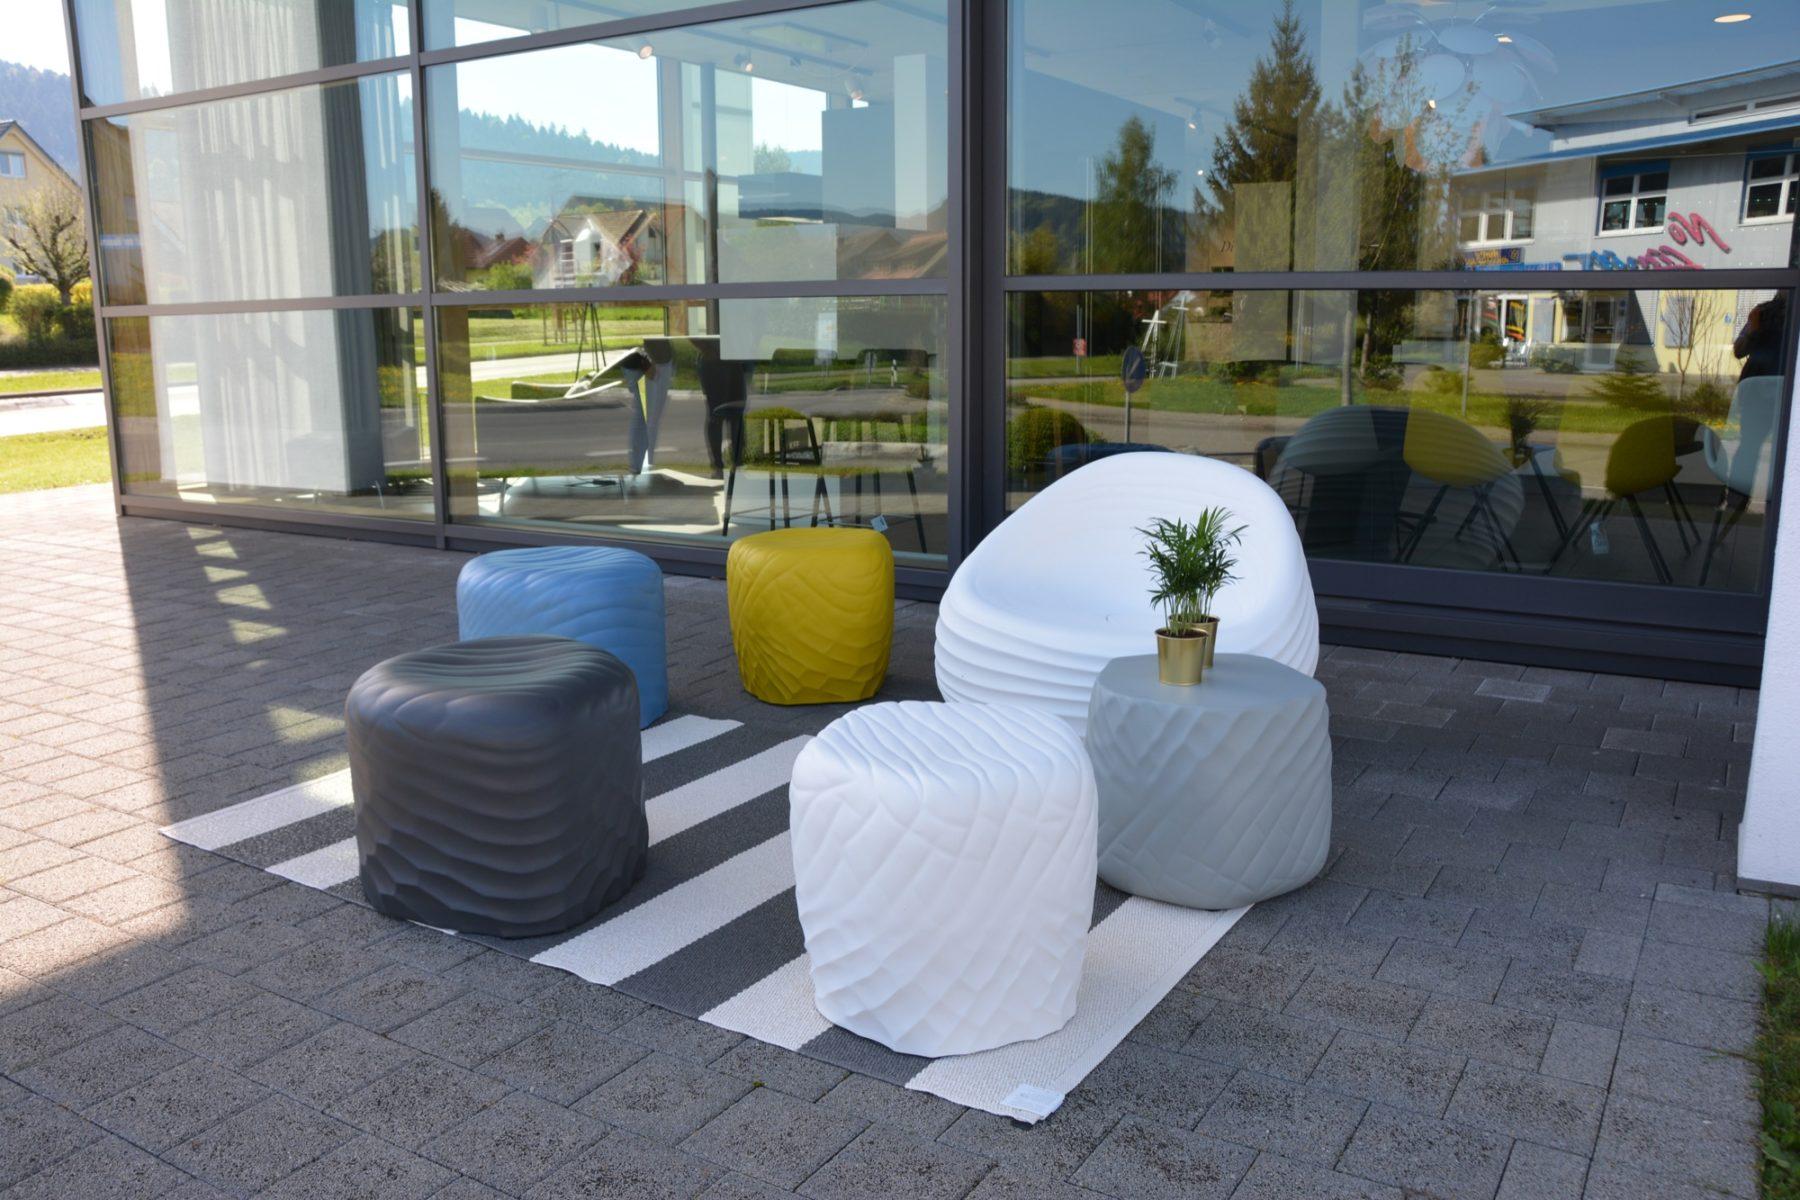 Outdoor Küche Aus Italien : Jilg küche & wohnen bietet auch ausgewählte wohnmöbel an